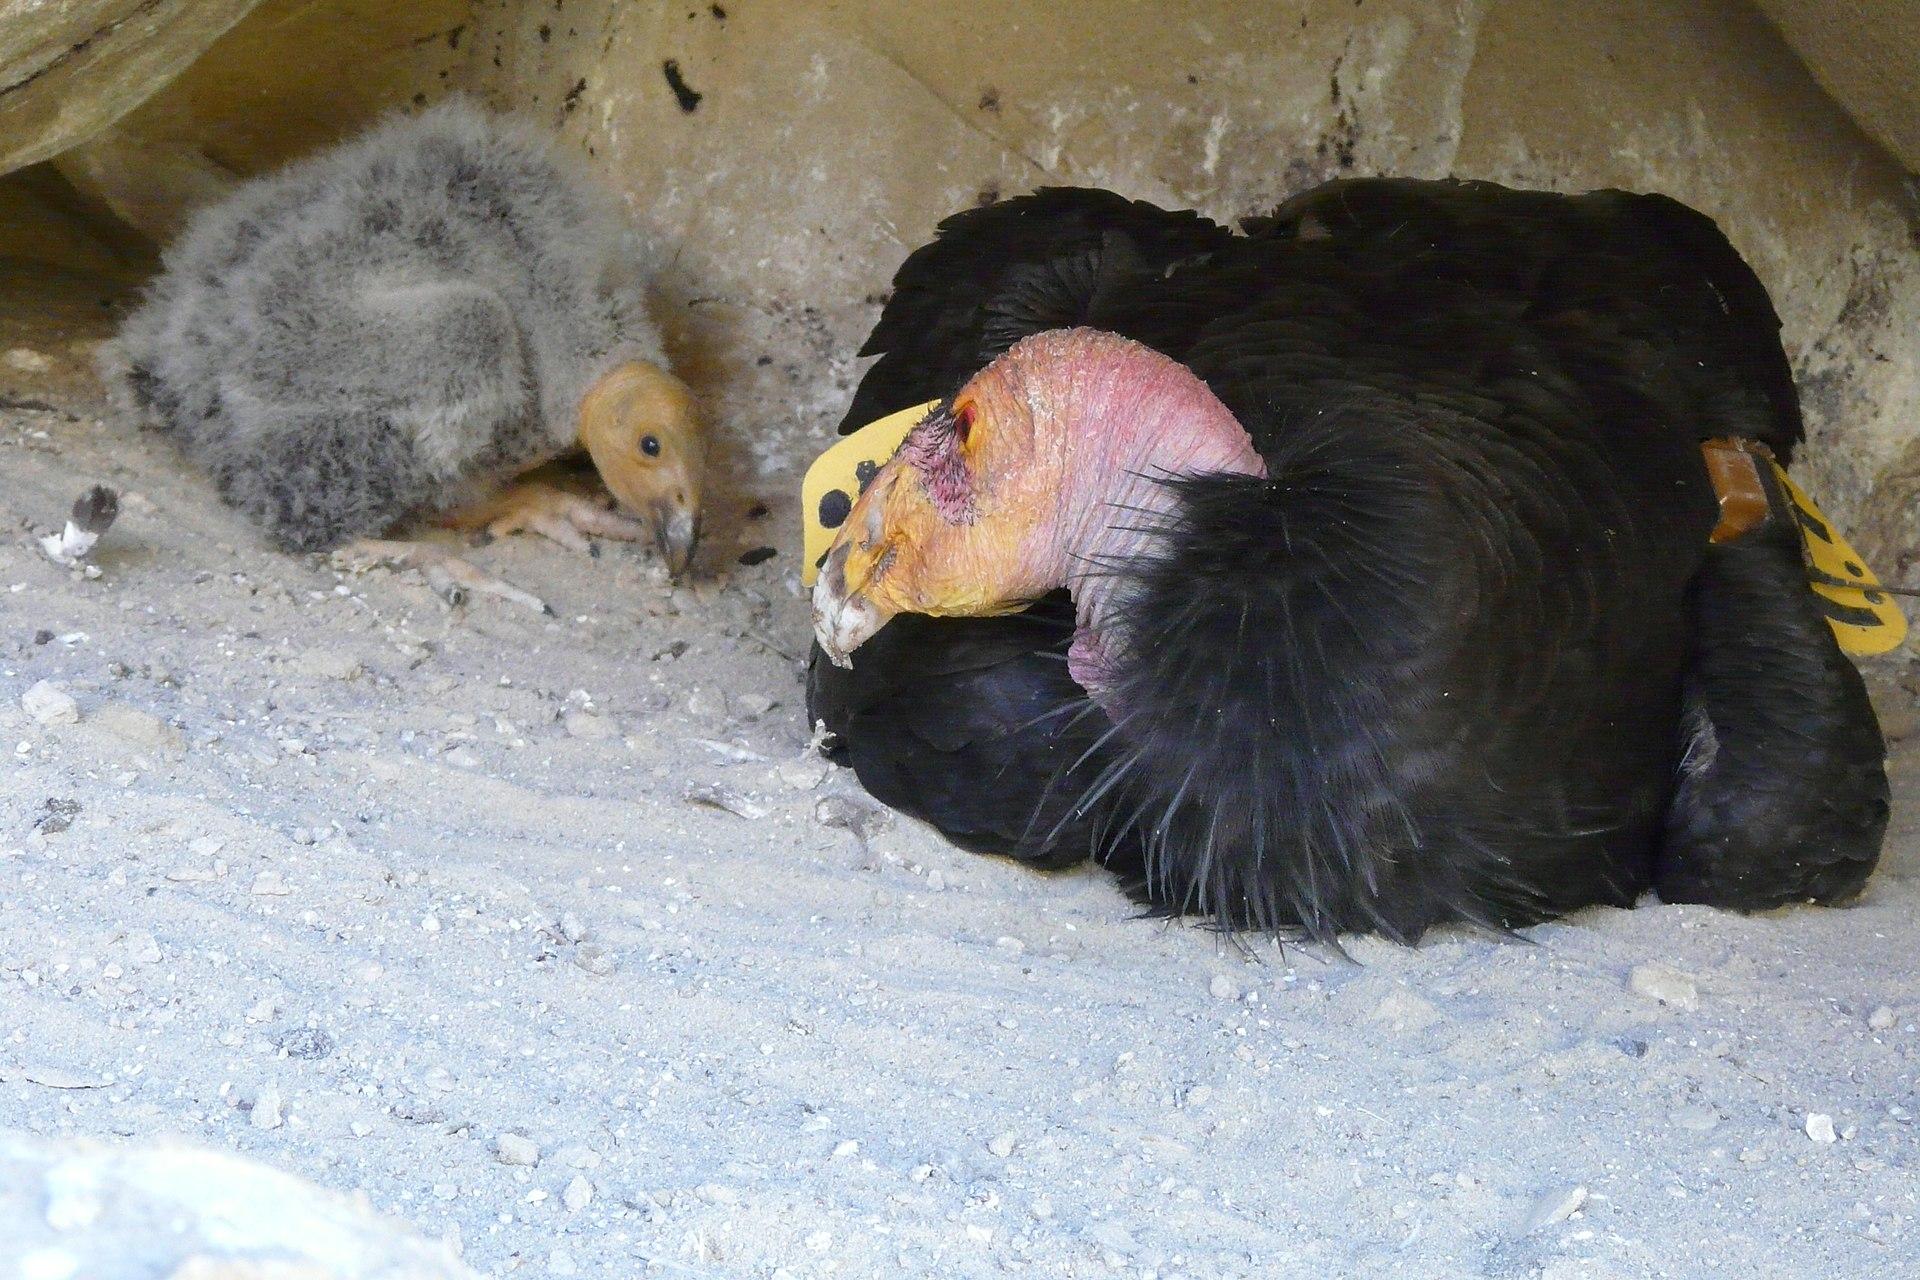 California condor (source: Wikipedia)